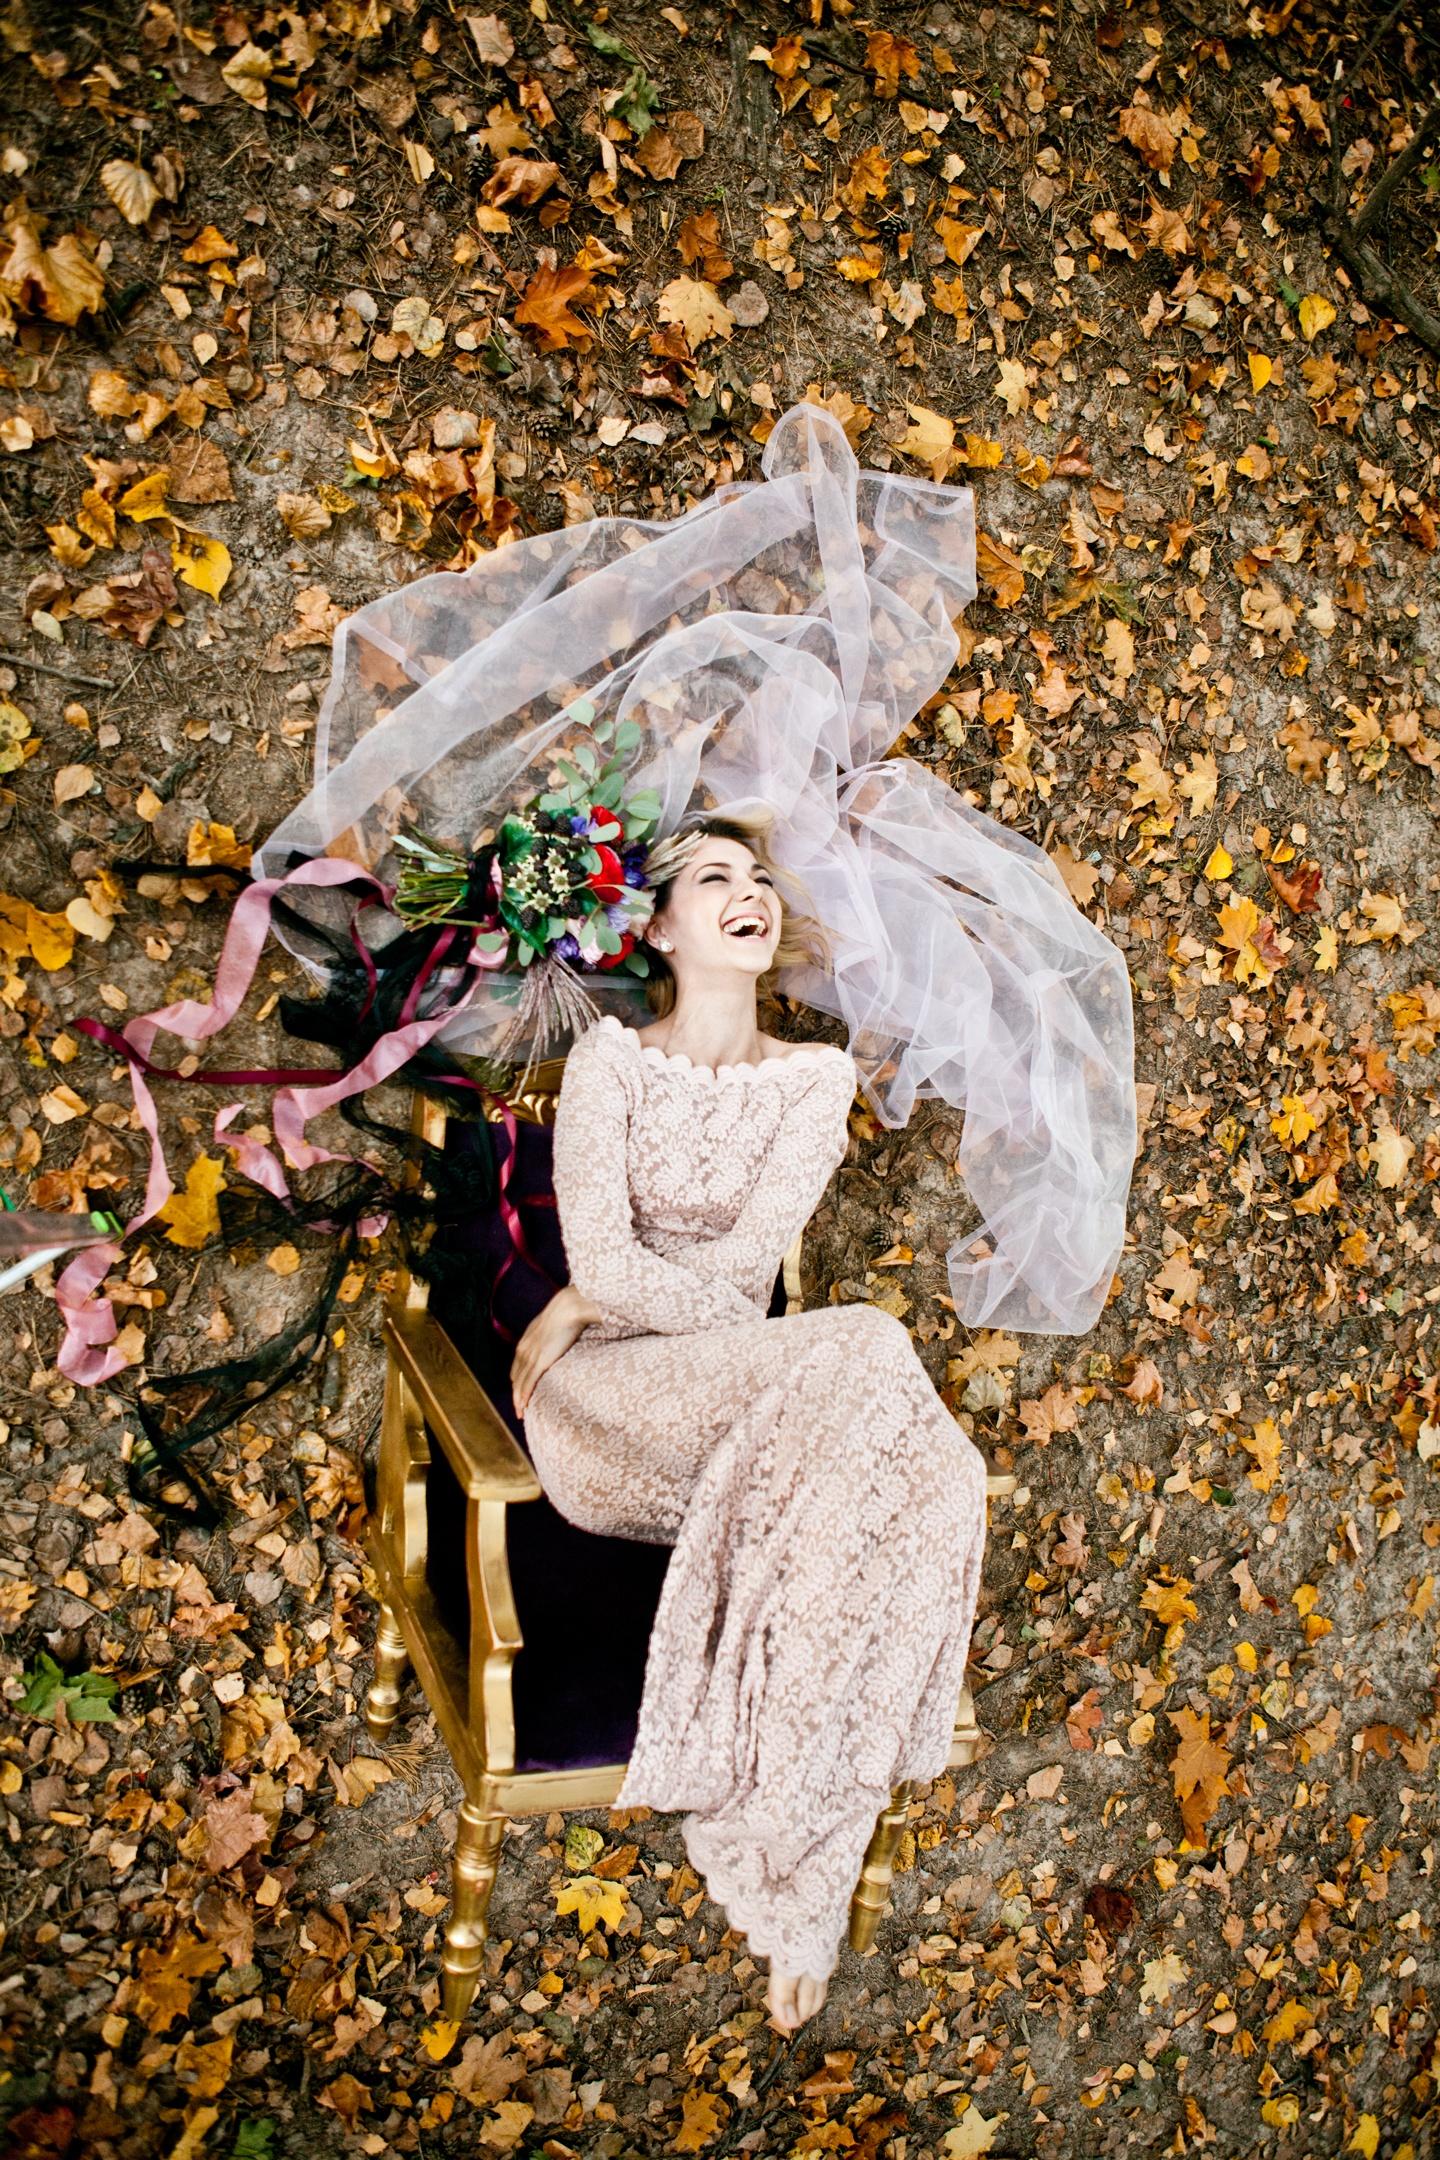 Ежевичная осень: стилизованная фотосессия